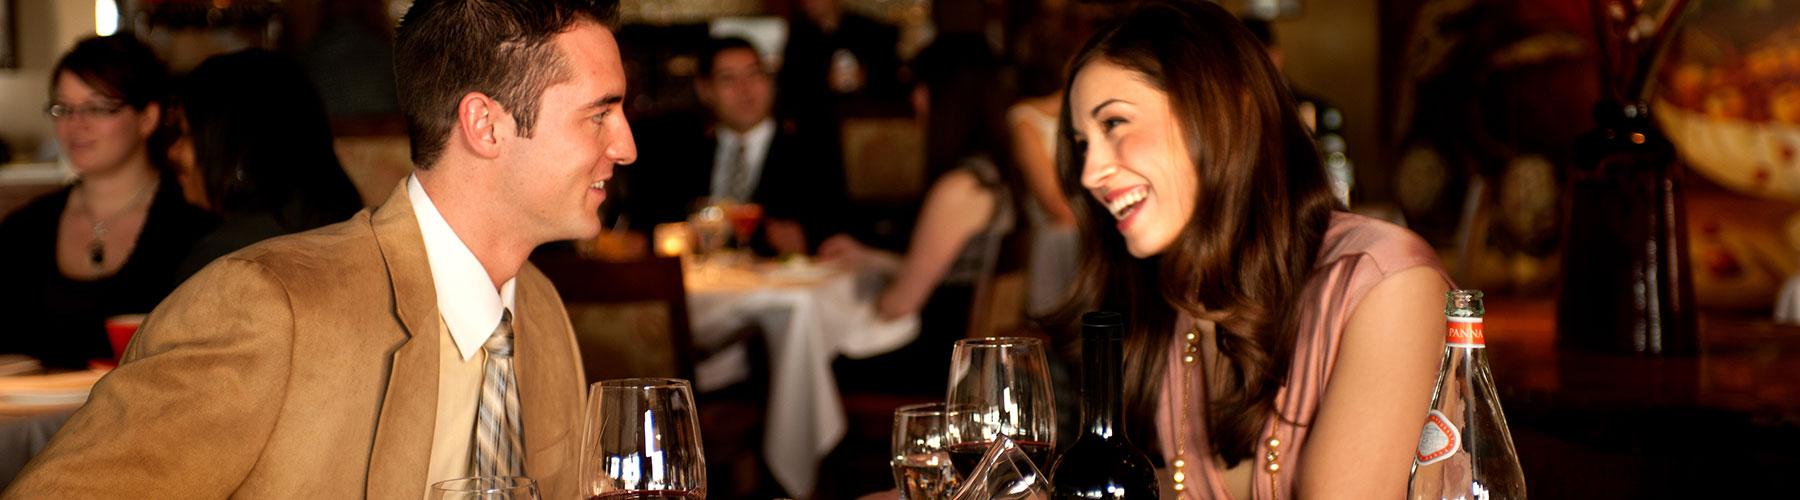 Ristorante Brissago Diners